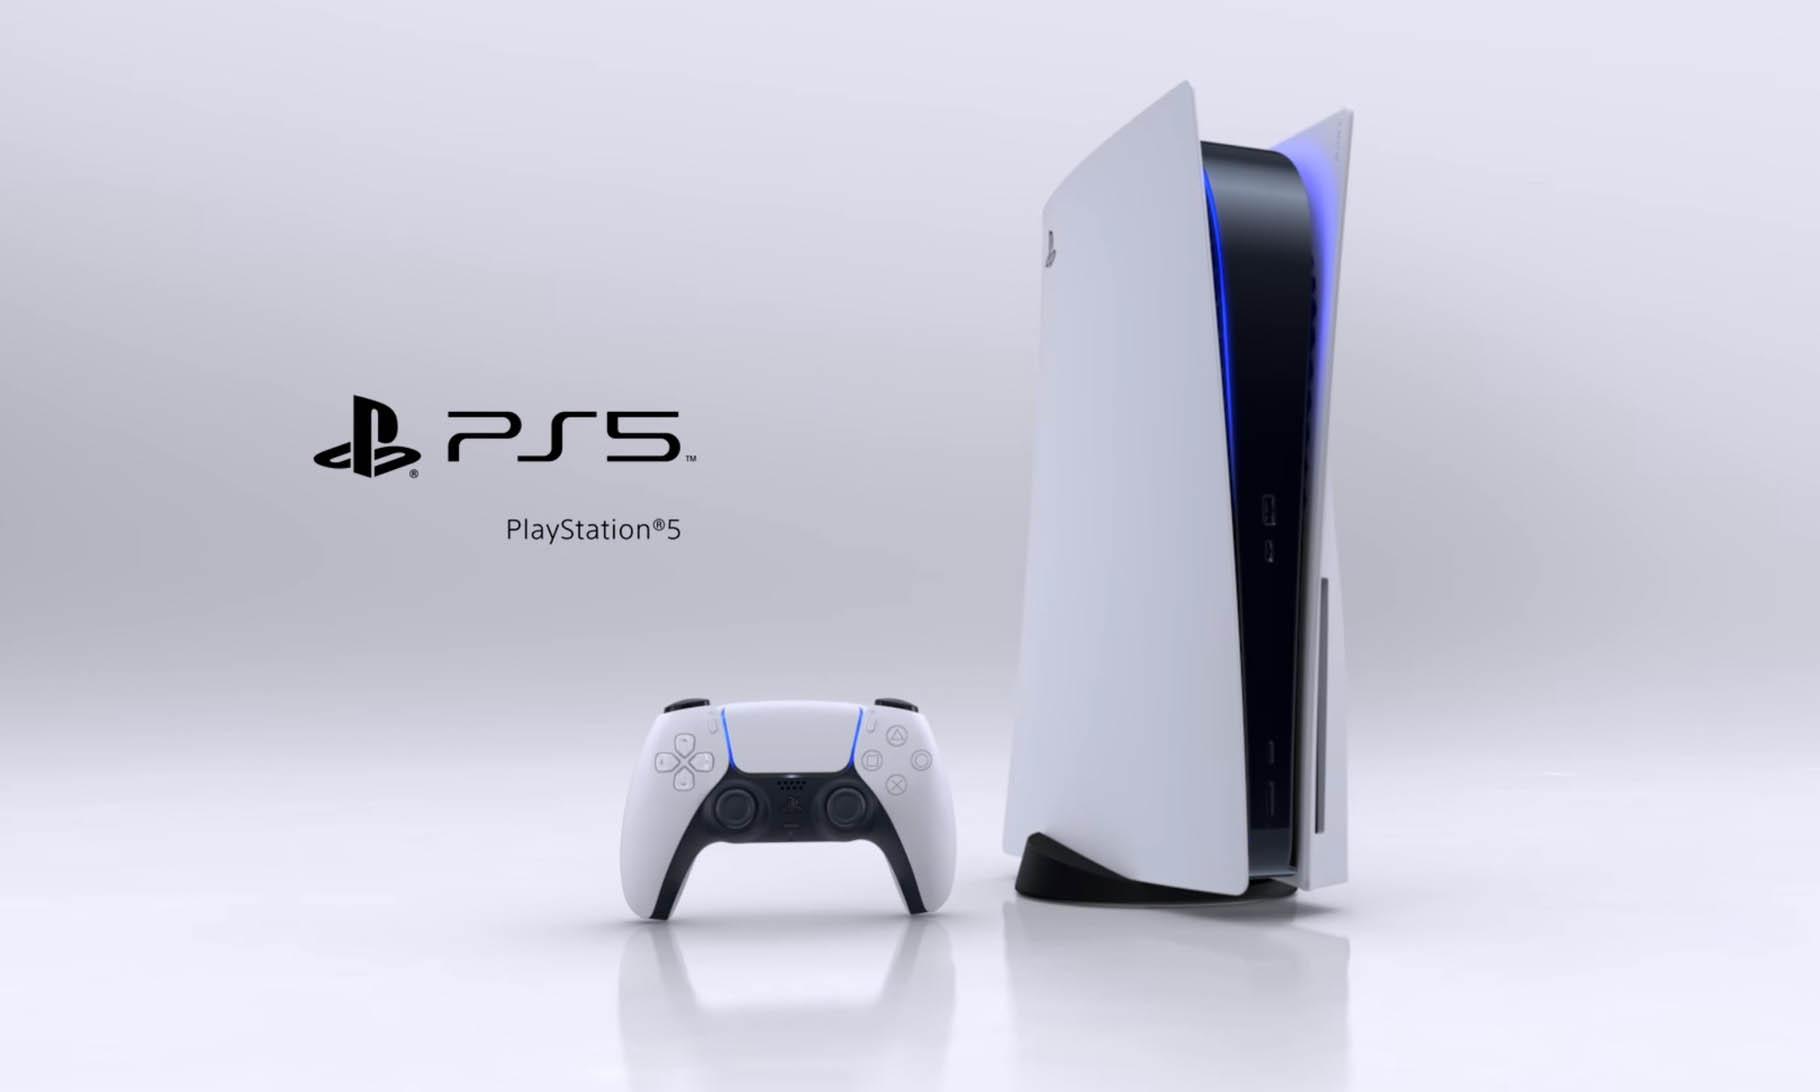 PS5 UI 设计将彻底革新,硬件外观也可替换